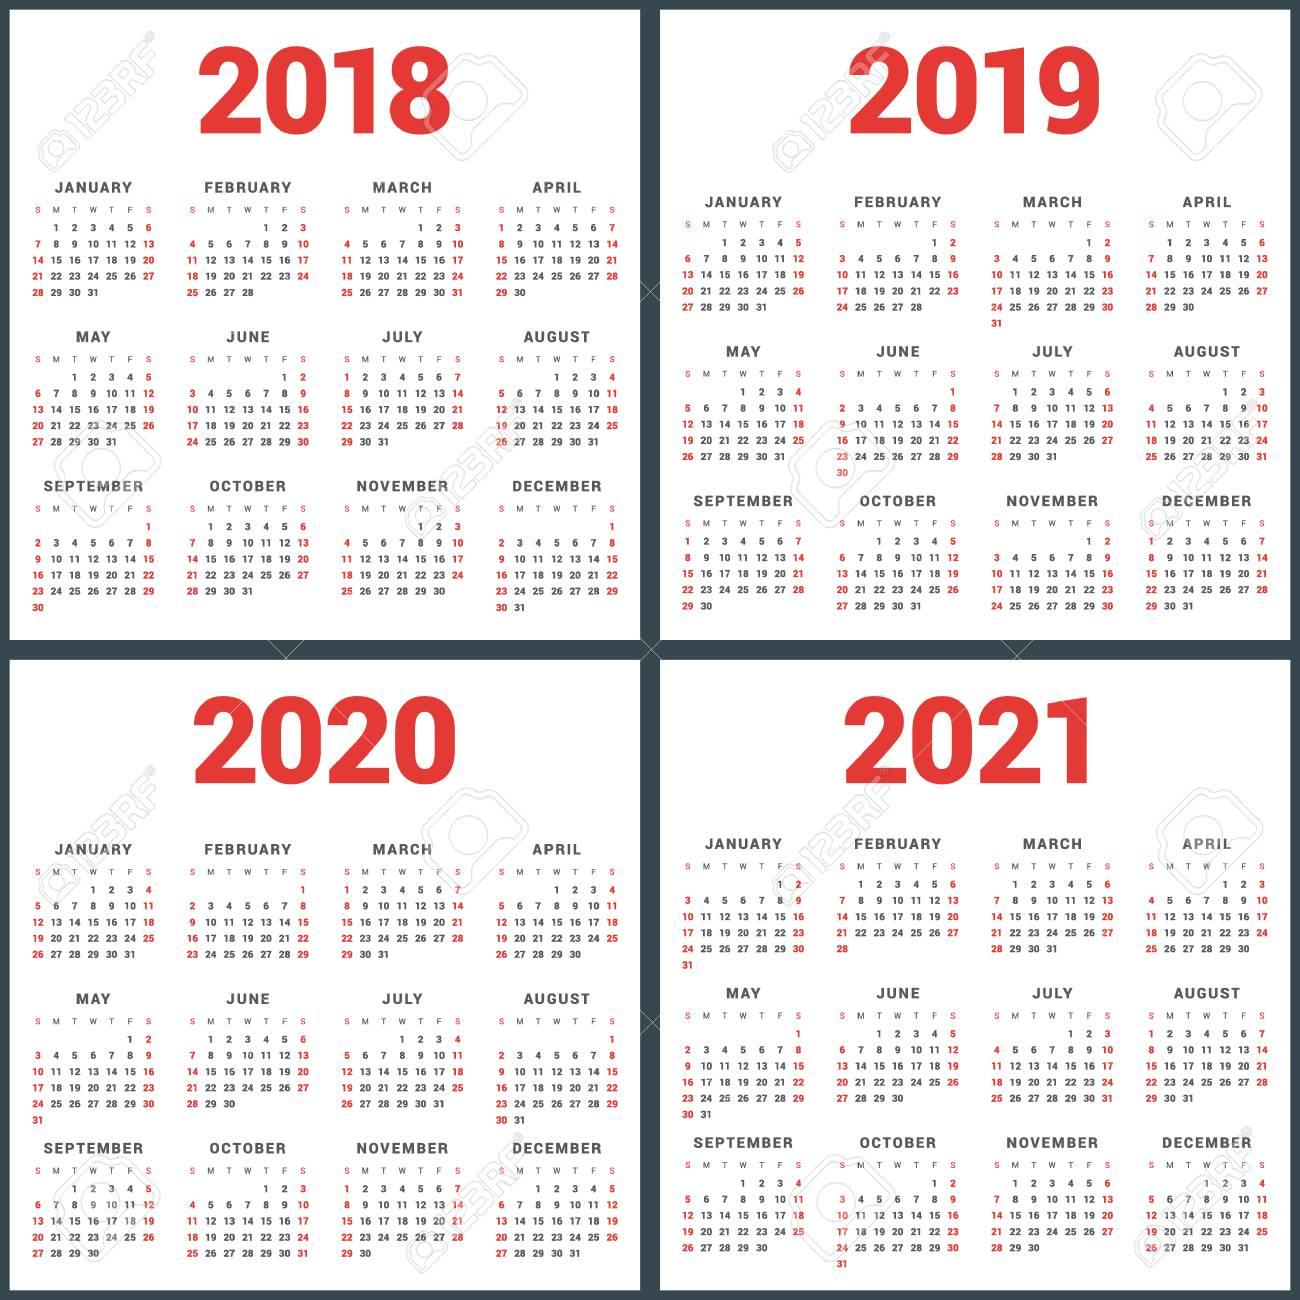 Monday Through Friday Calendar 2019 2020 | Calendar